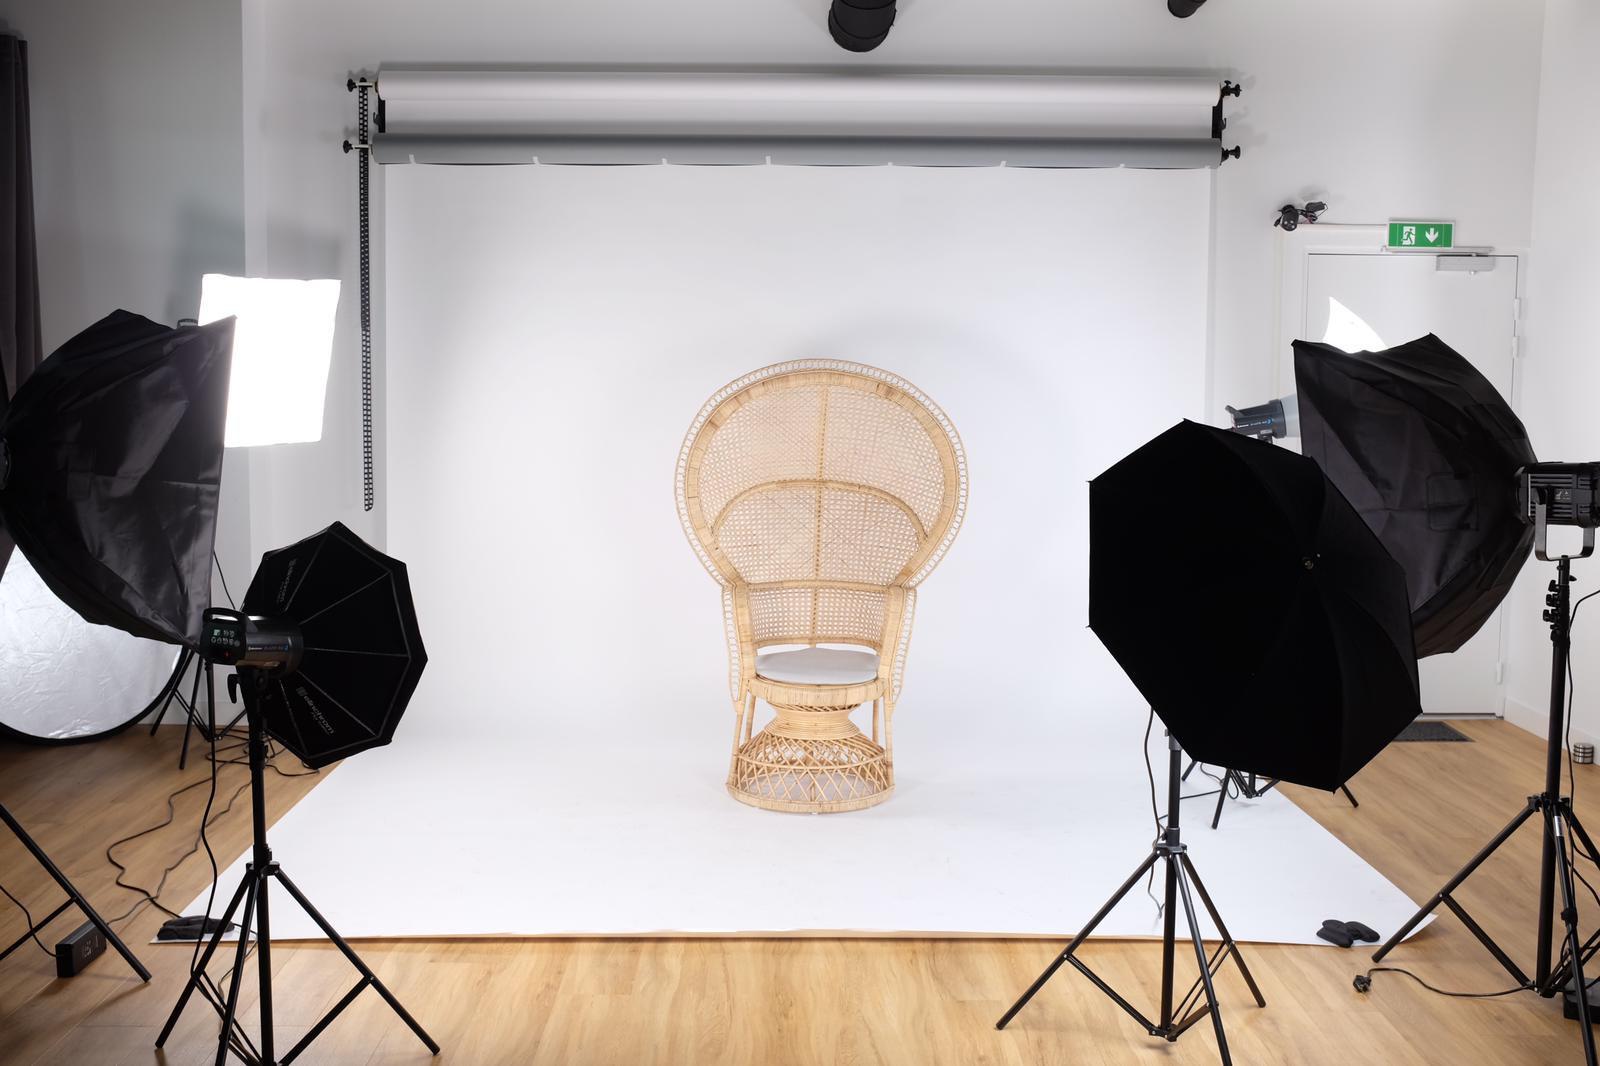 Tarif studio 1h